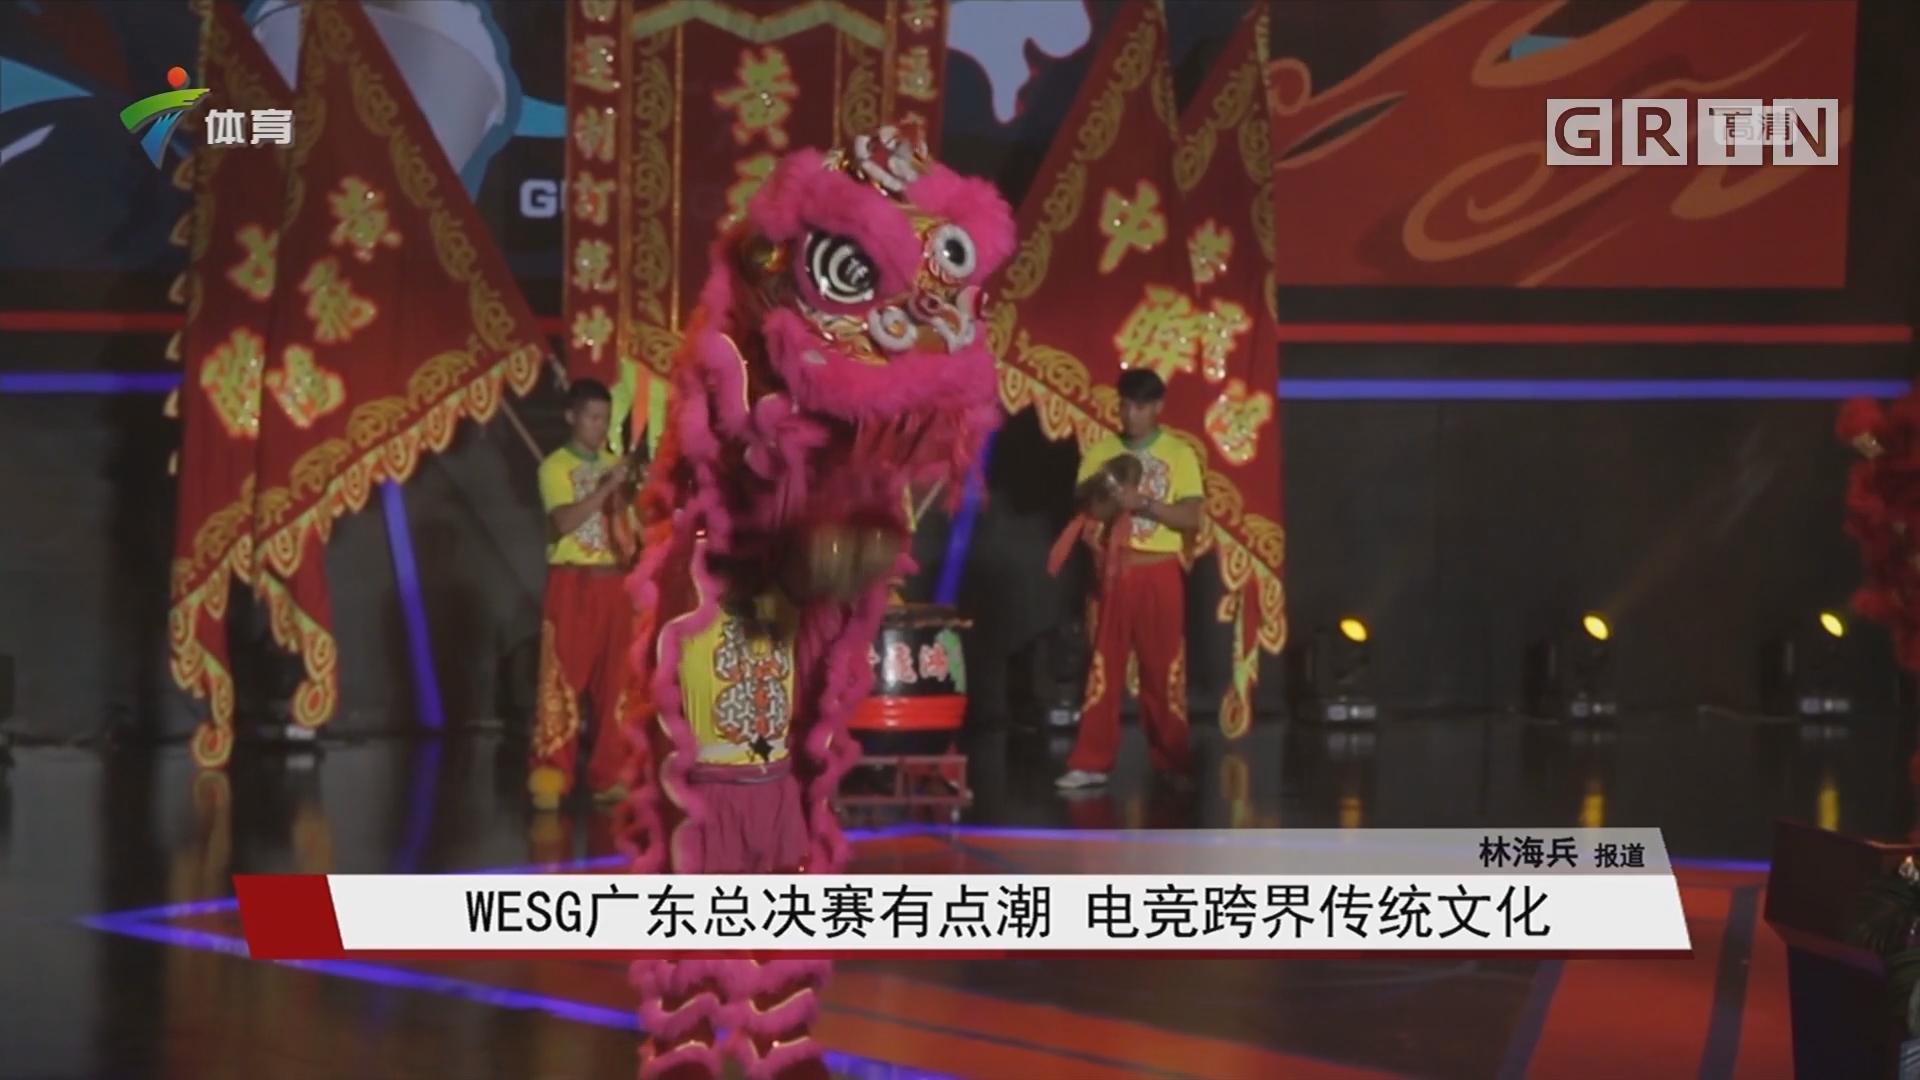 WESG广东总决赛有点潮 电竞跨界传统文化